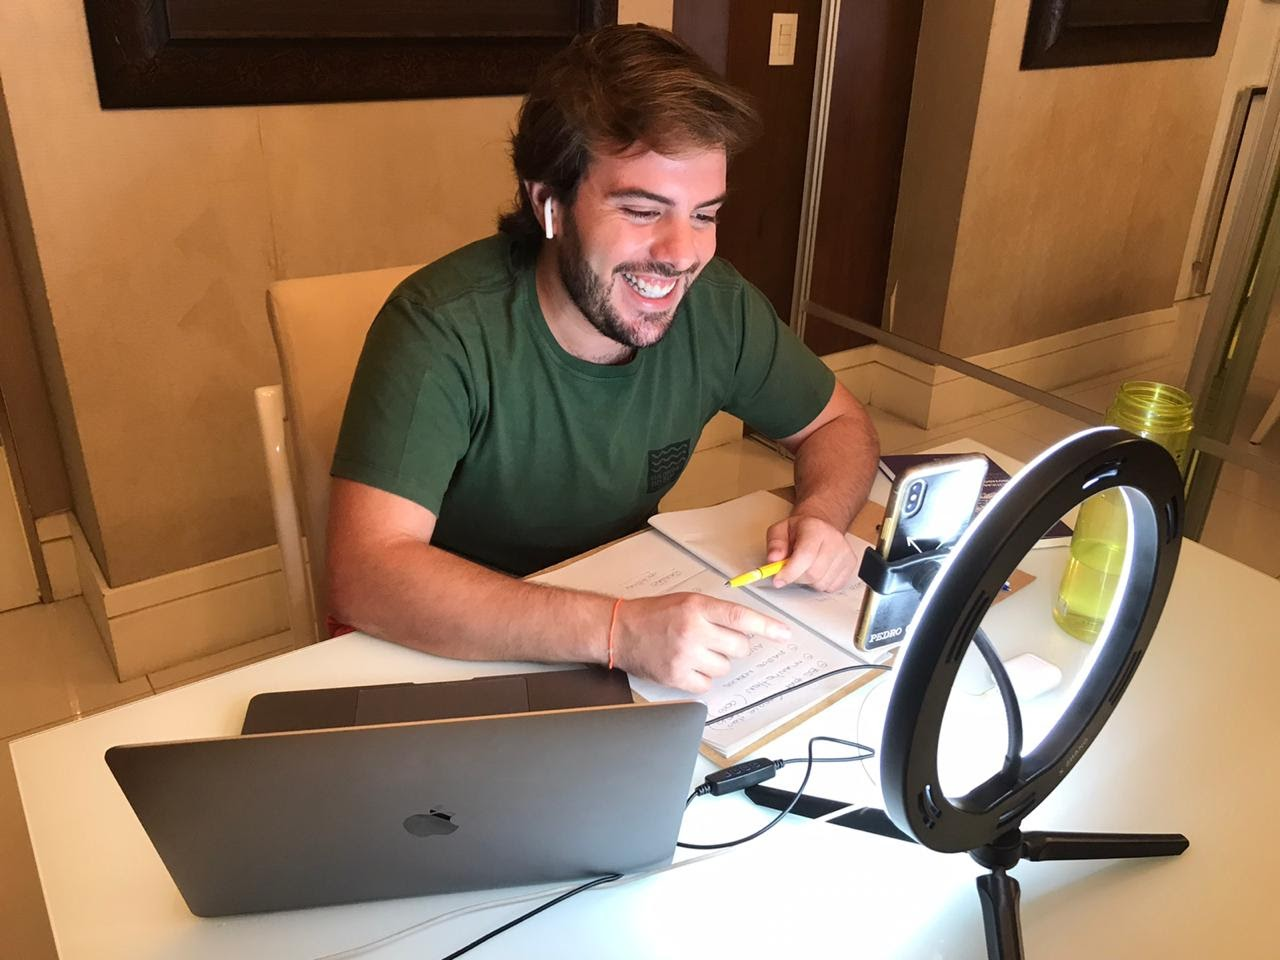 Cláudio Nelson promove lives interativas durante quarentena